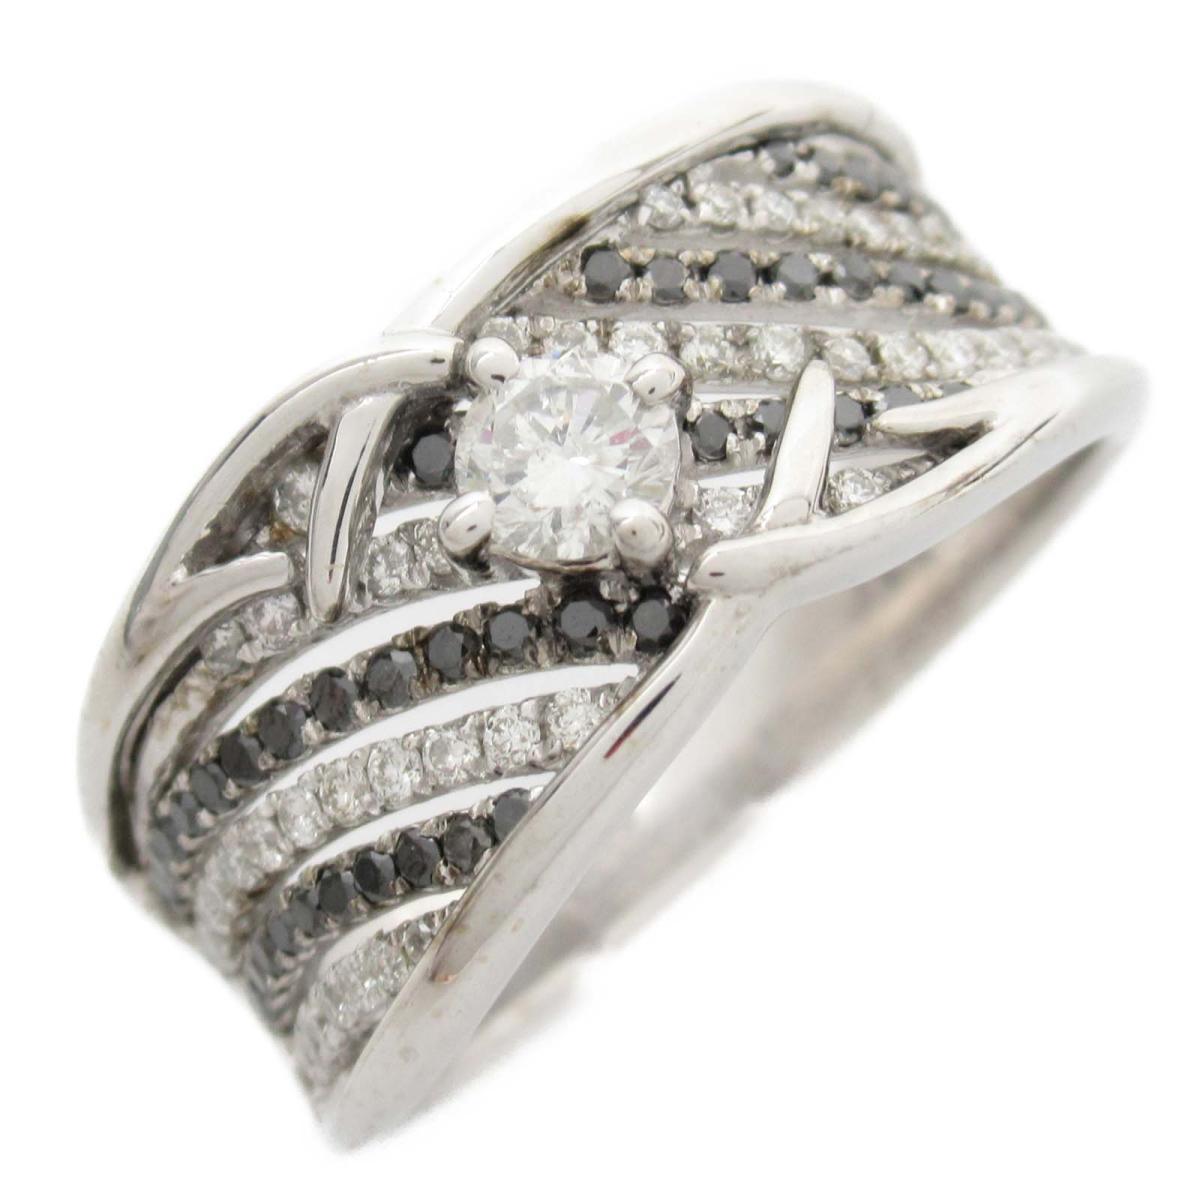 ジュエリー ダイヤモンド リング 指輪 ノーブランドジュエリー レディース 18Kホワイトゴールド x (0.20 / 0.45CT) 【中古】   JEWELRY BRANDOFF ブランドオフ アクセサリー